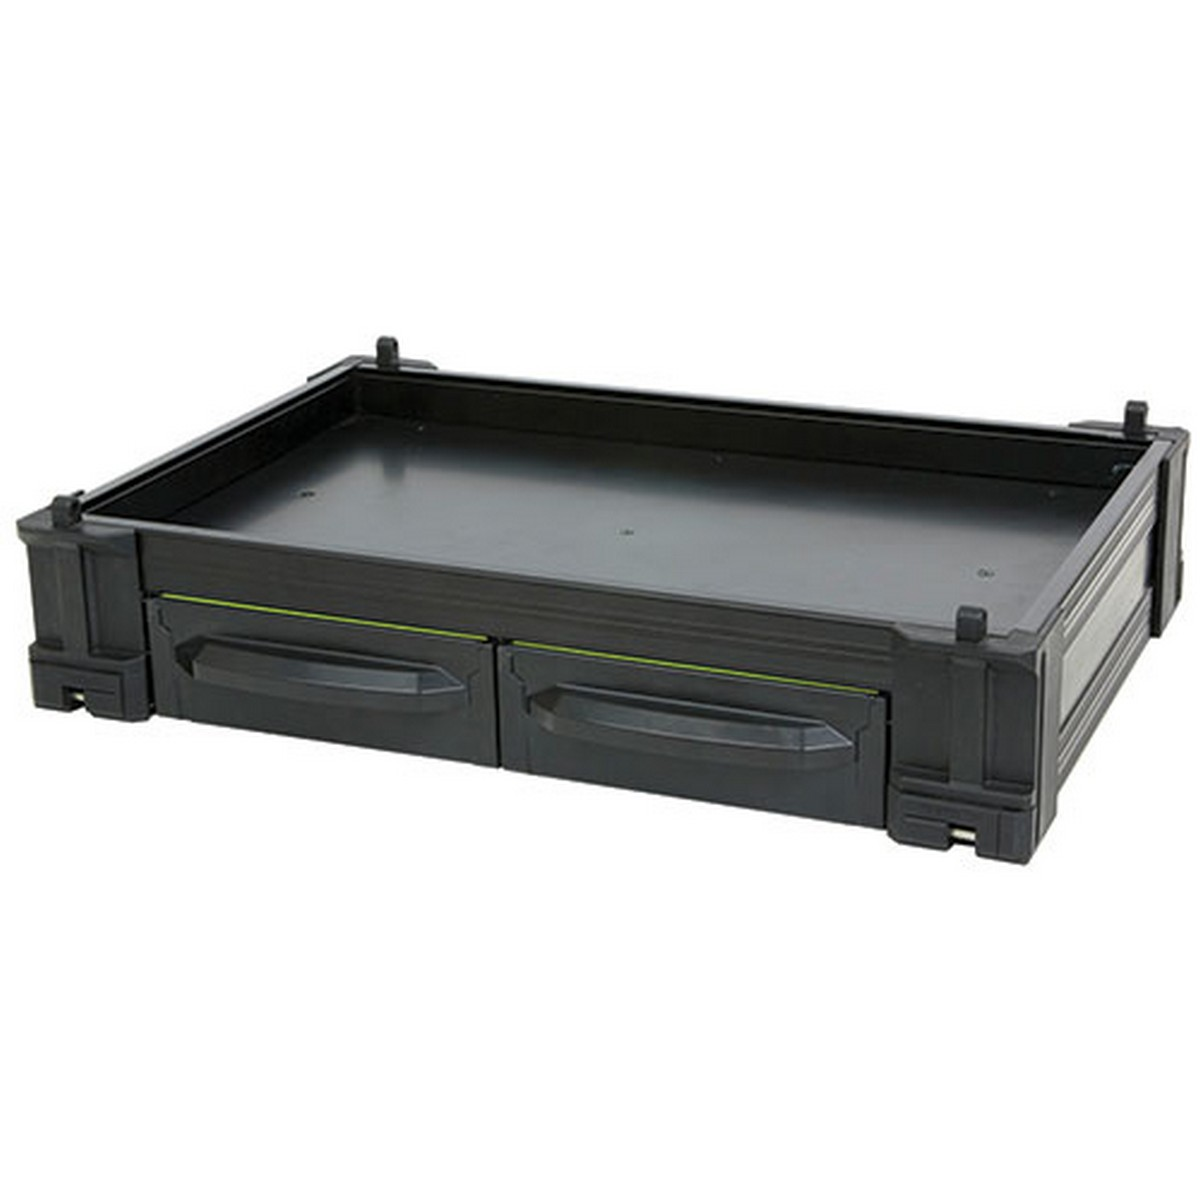 Matrix Front Drawer Unit - дълбока тава за платформа с 2 предни чекмеджета